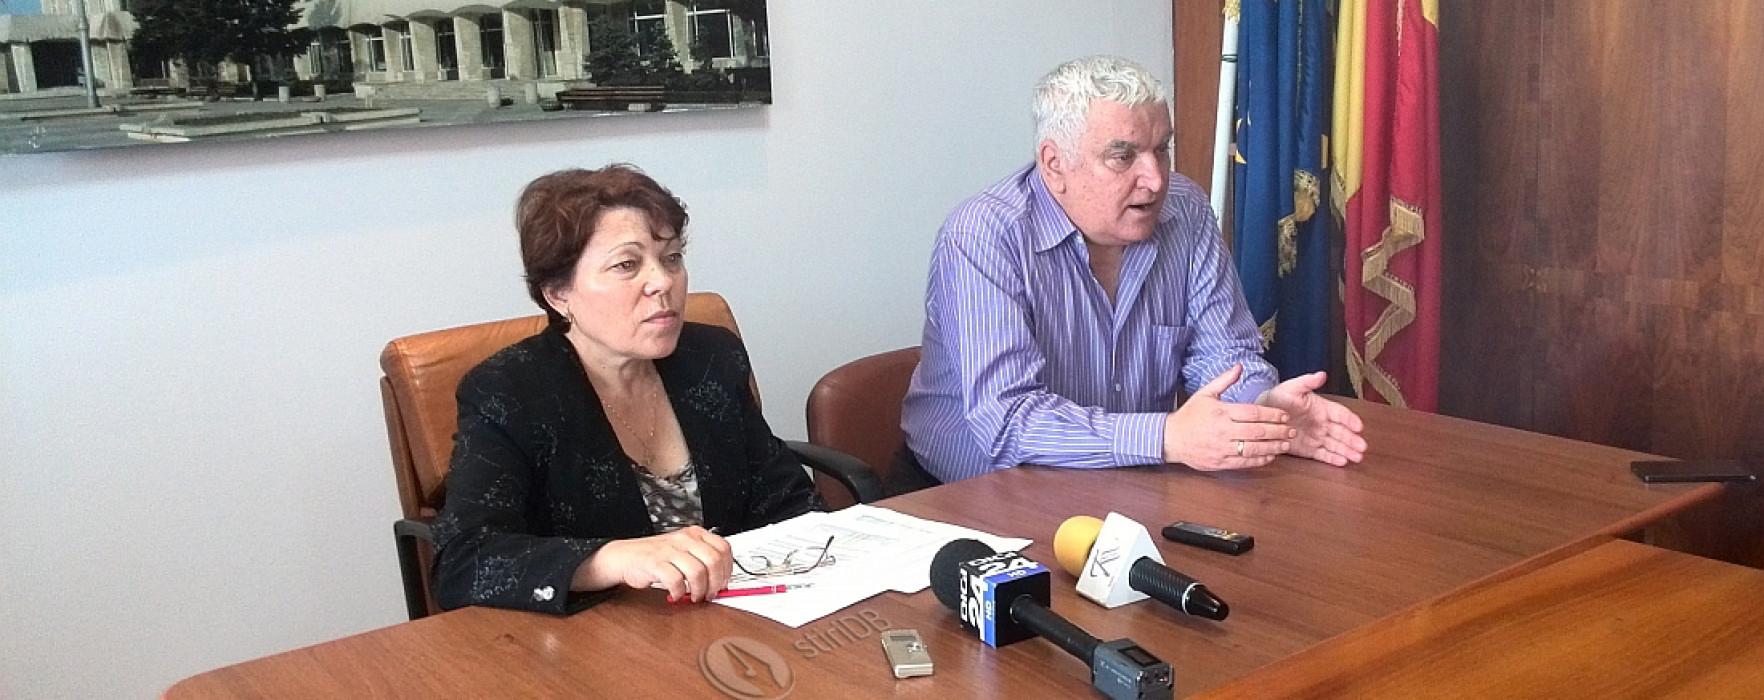 Prefectul Victor Sanda respinge acuzaţiile PDL că ar face campanie electorală (video)